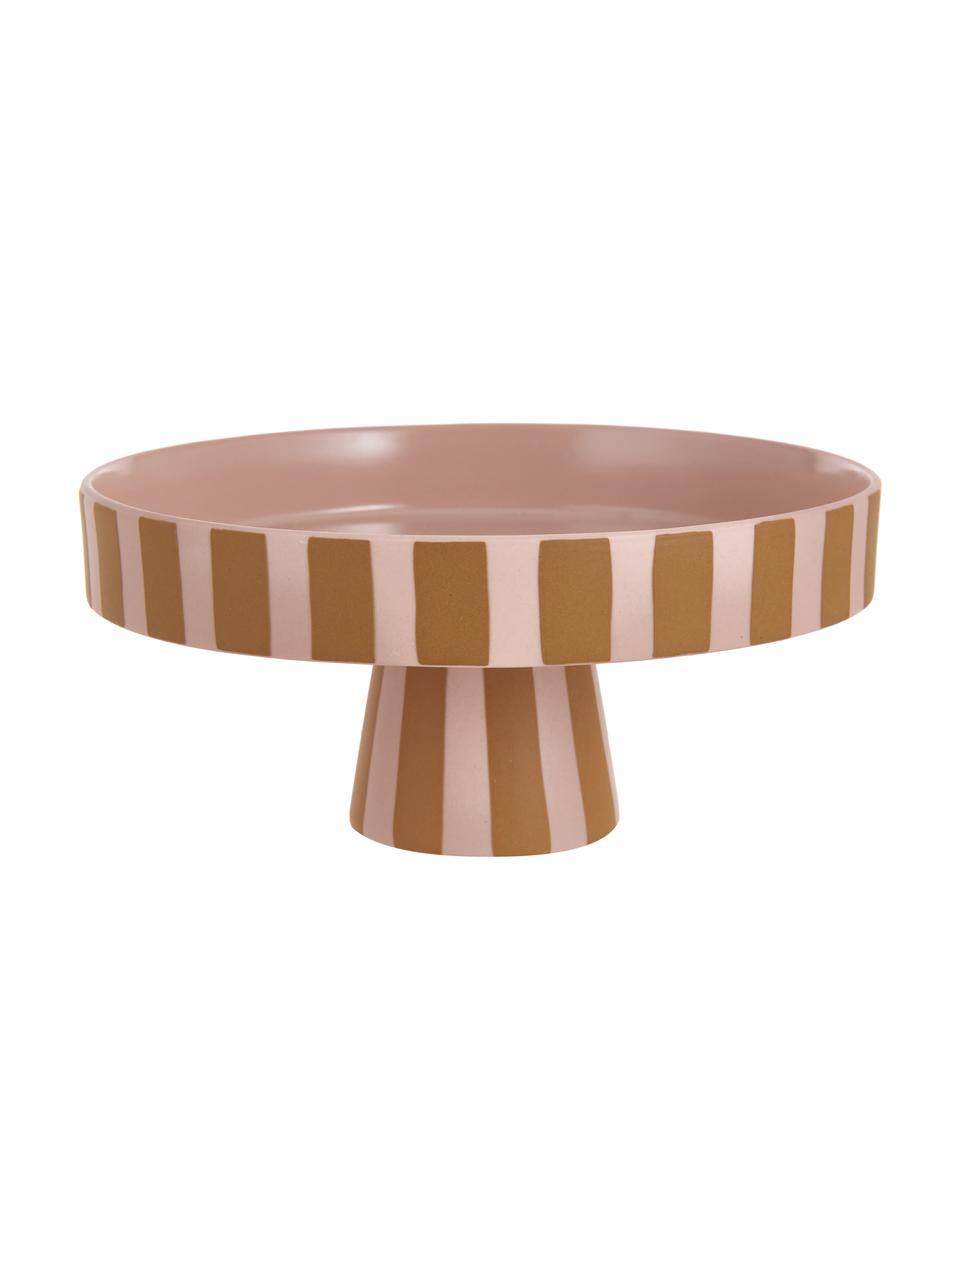 Półmisek z ceramiki Toppu, Ceramika, Karmelowy brązowy, blady różowy, Ø 20 x W 9 cm